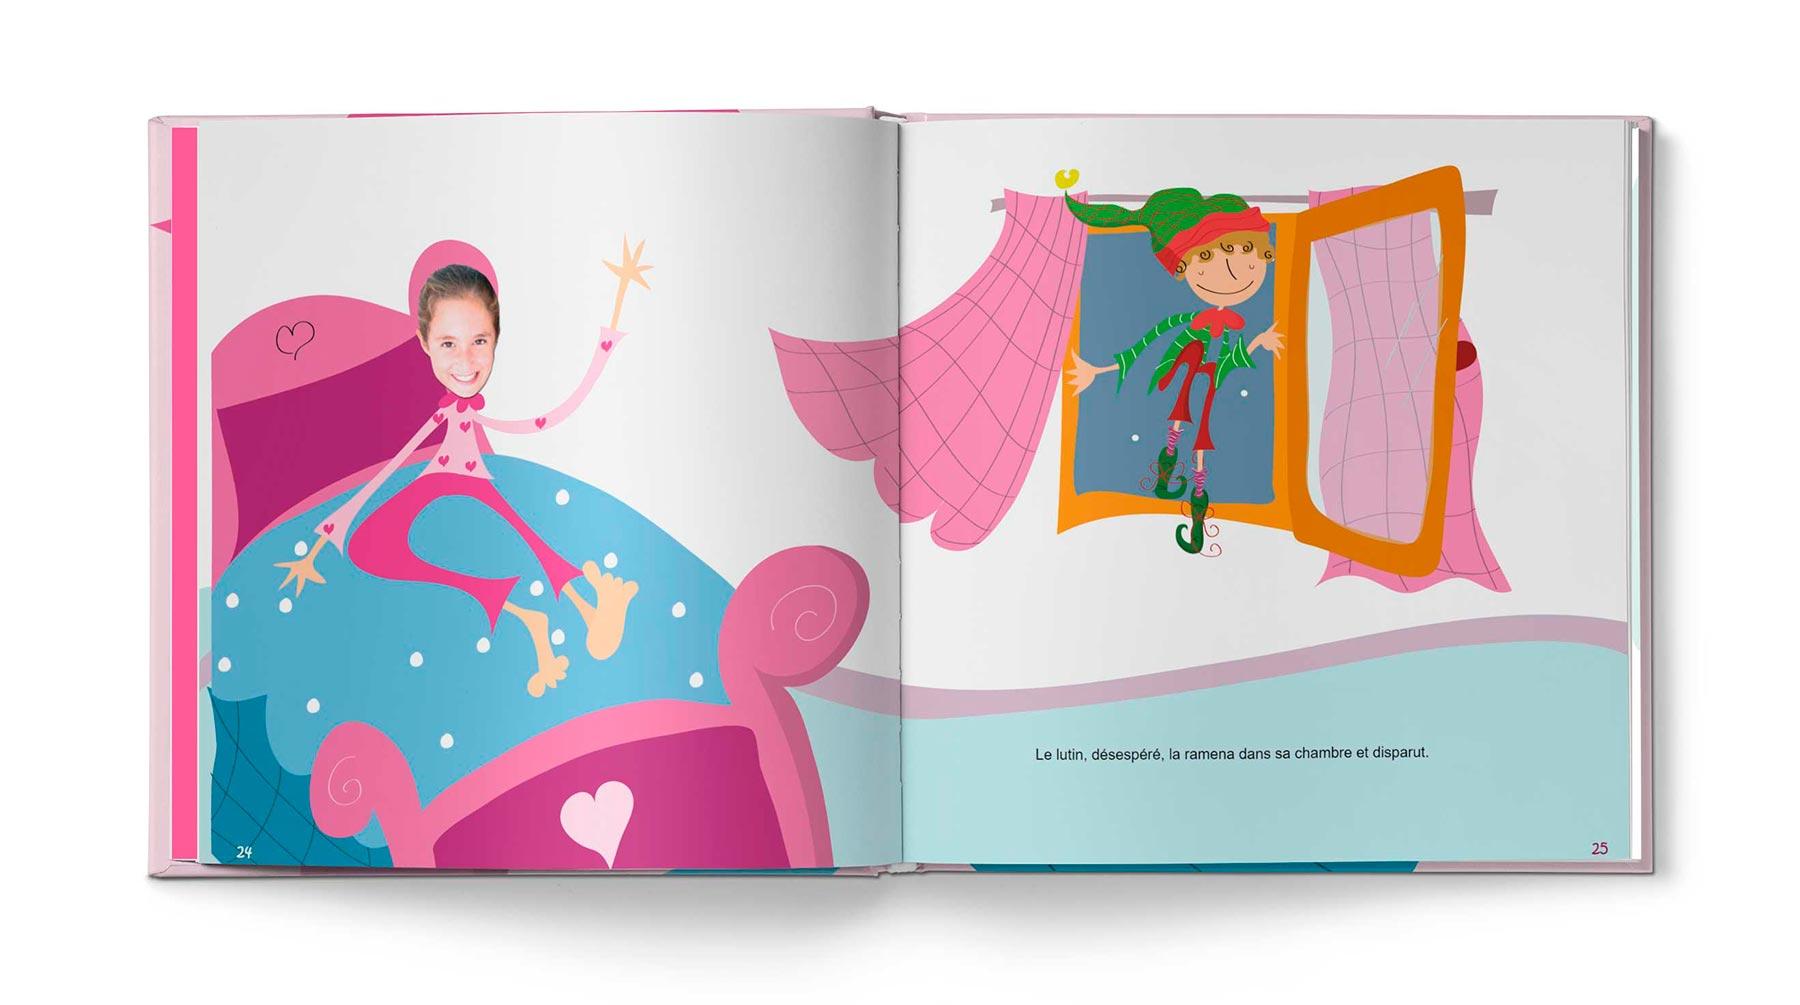 Histoire La princesse et le pansement - Image 12